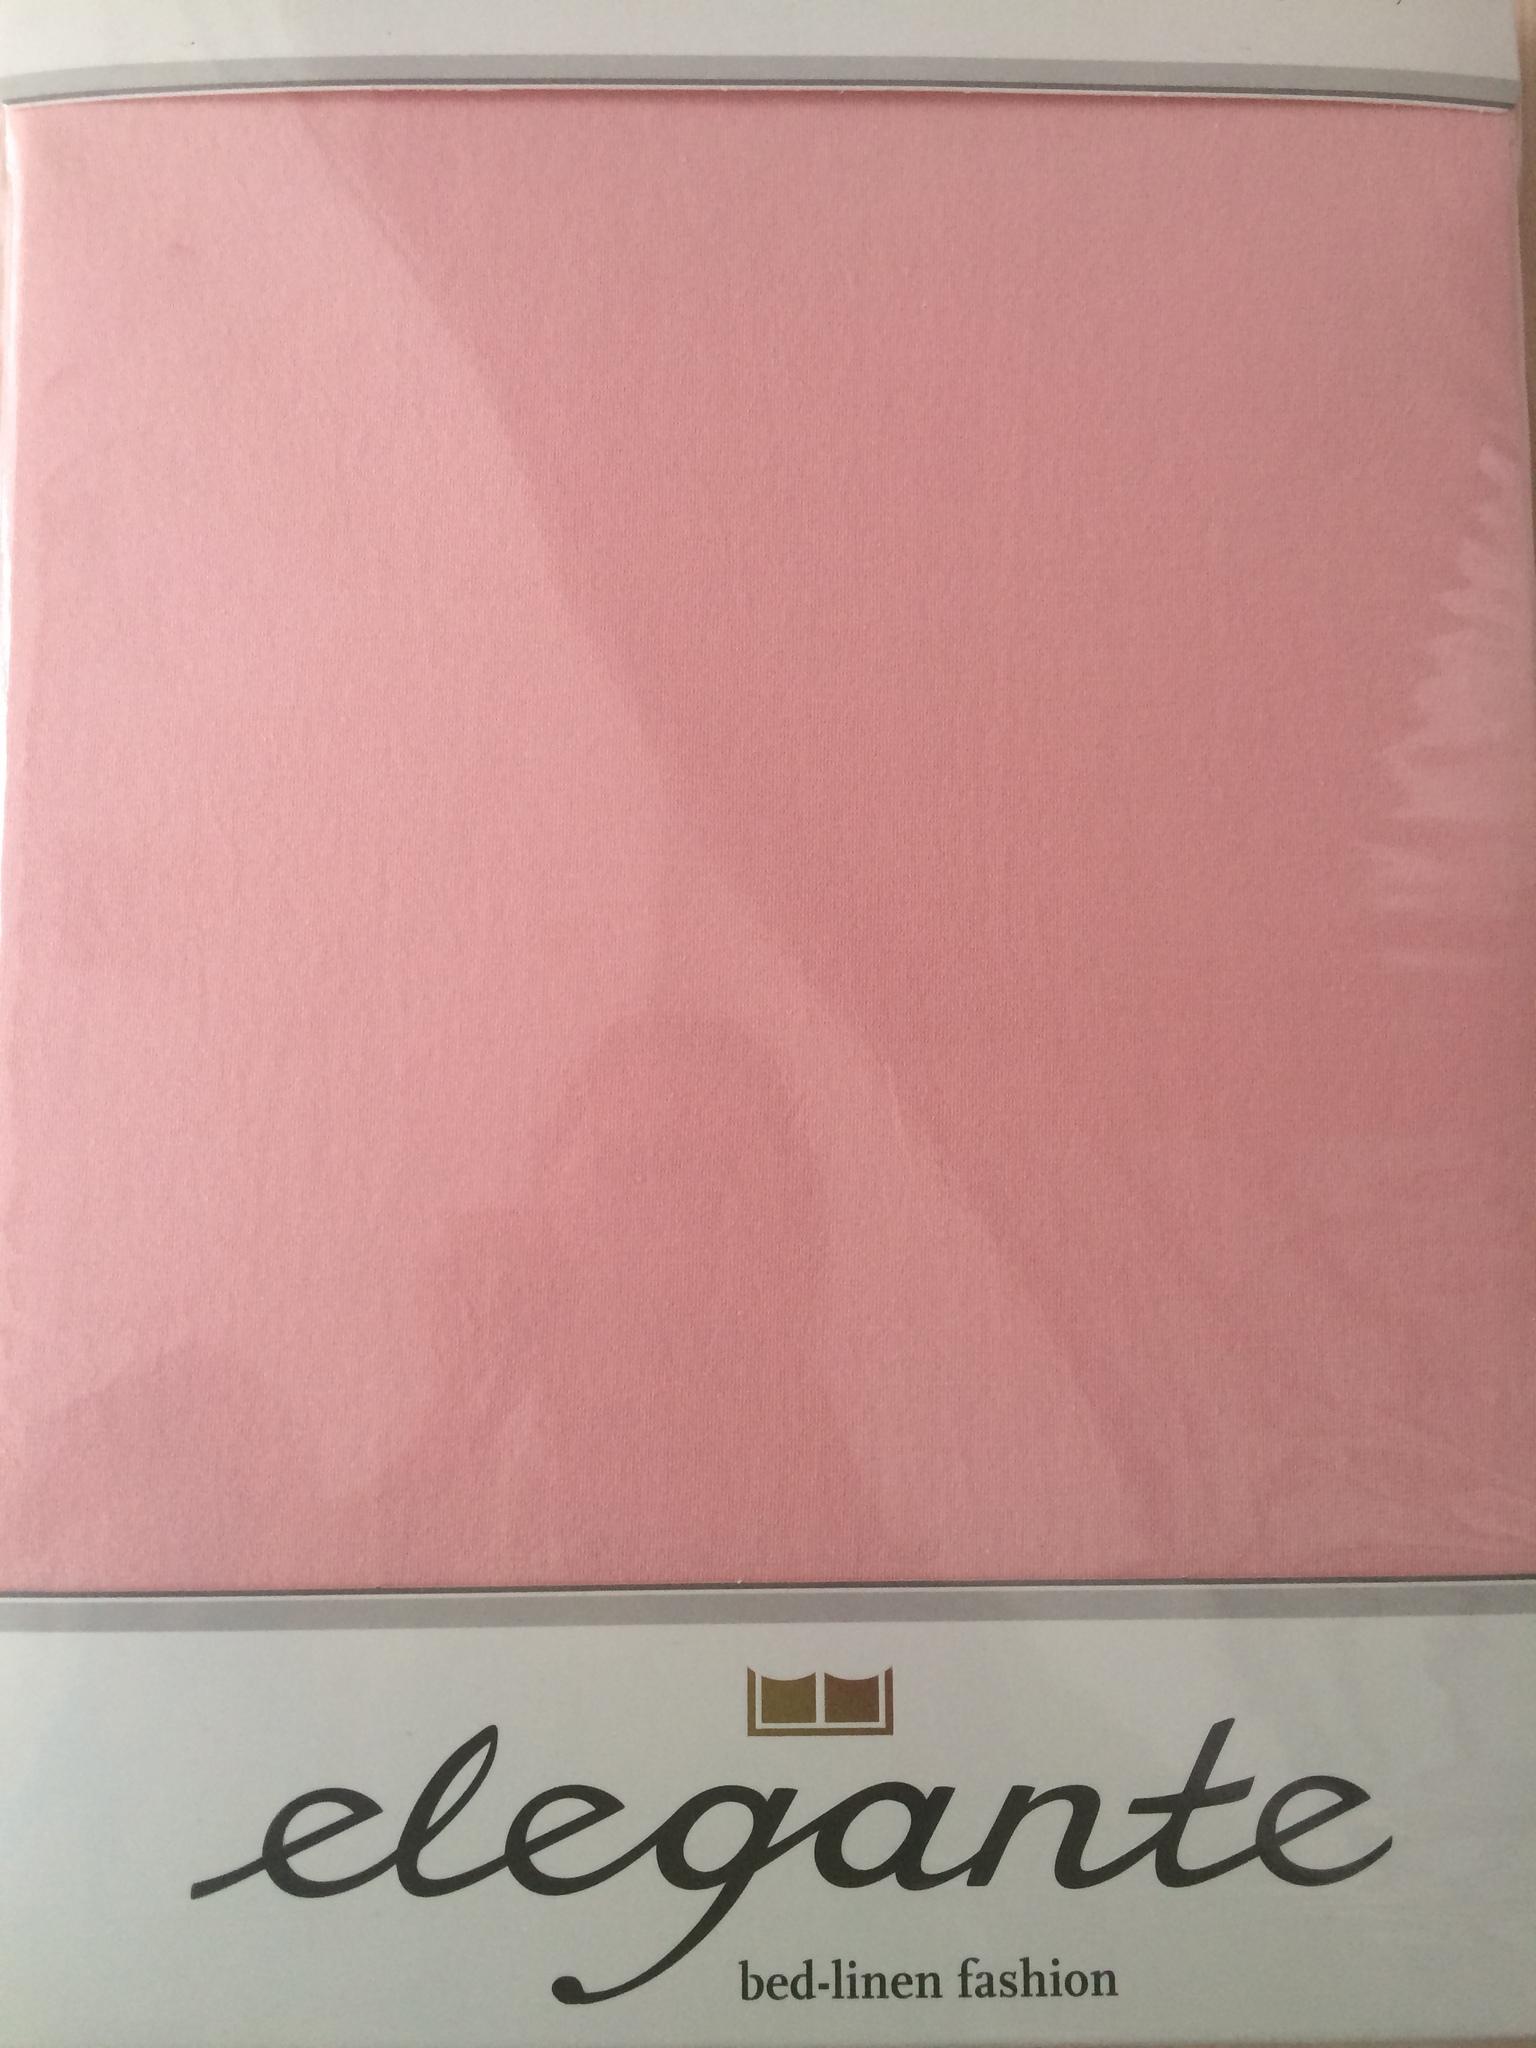 На резинке Простыня трикотажная 140-160x200 Elegante 8000 розовая 2015-01-28_16.06.56.jpg